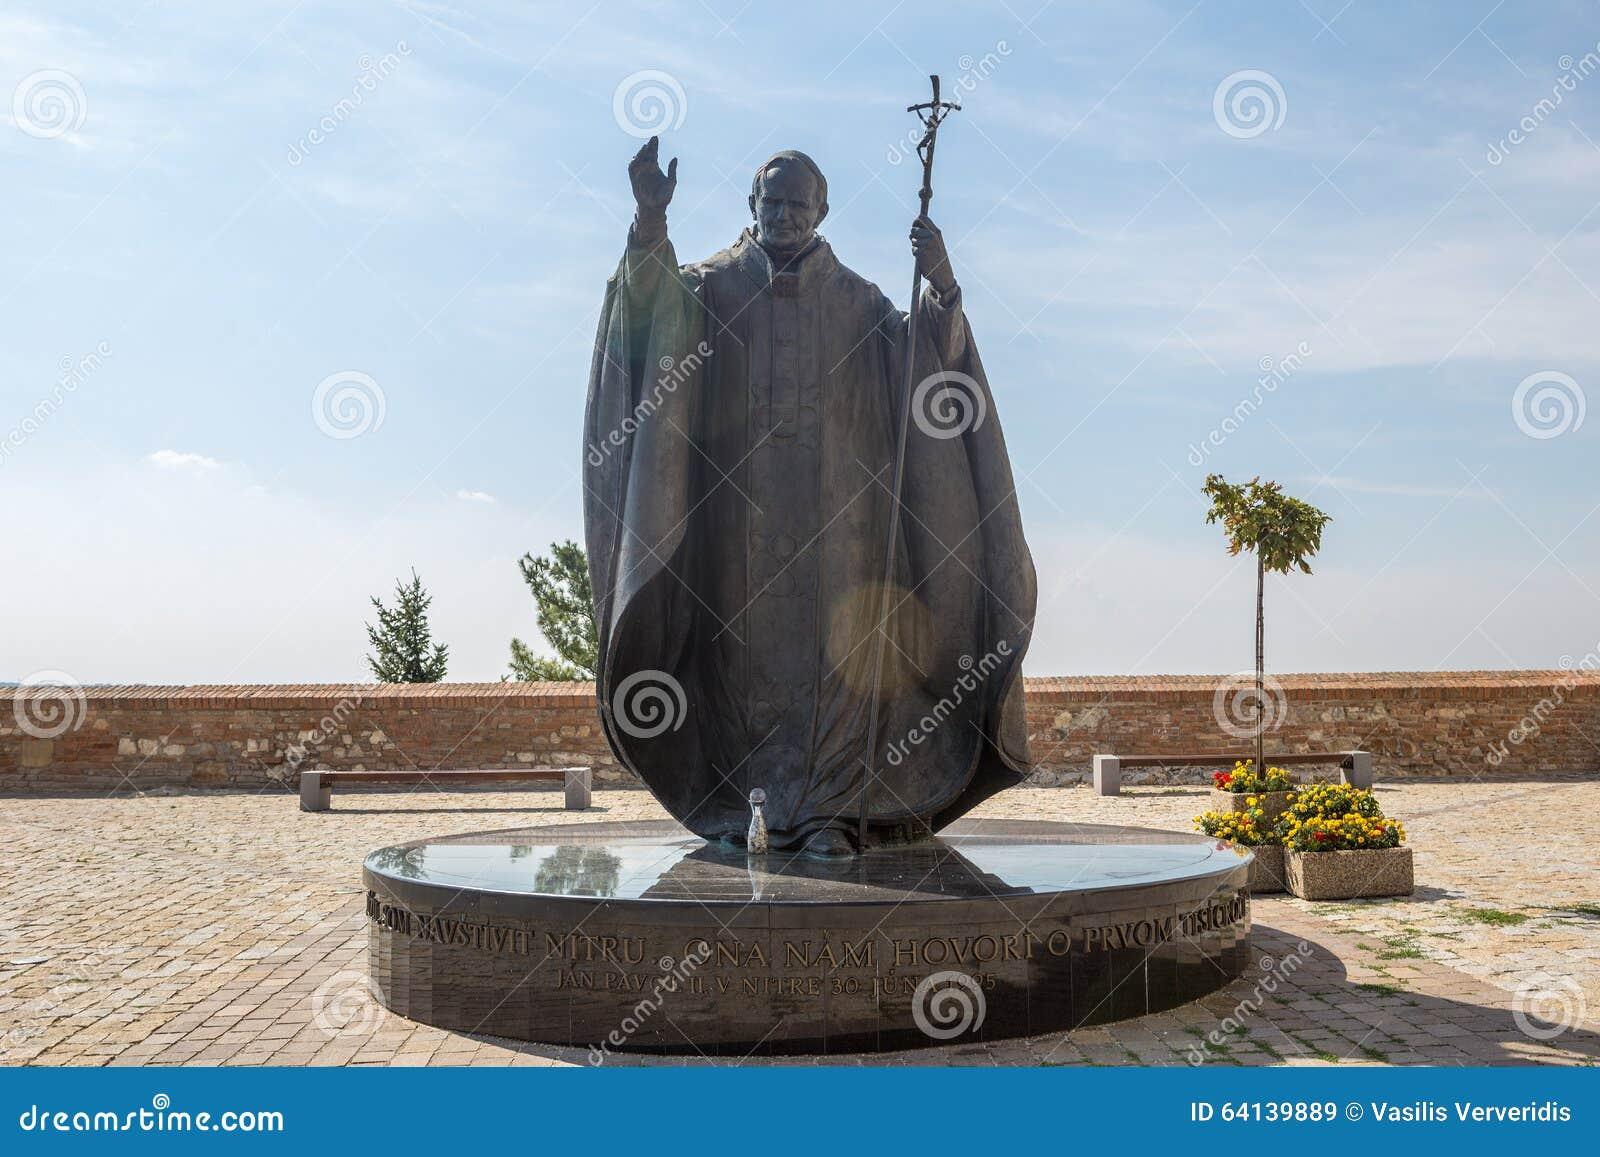 Standbeeld van Paus Johannes Paulus II in Nitra, Slowaakse republiek, centraal E